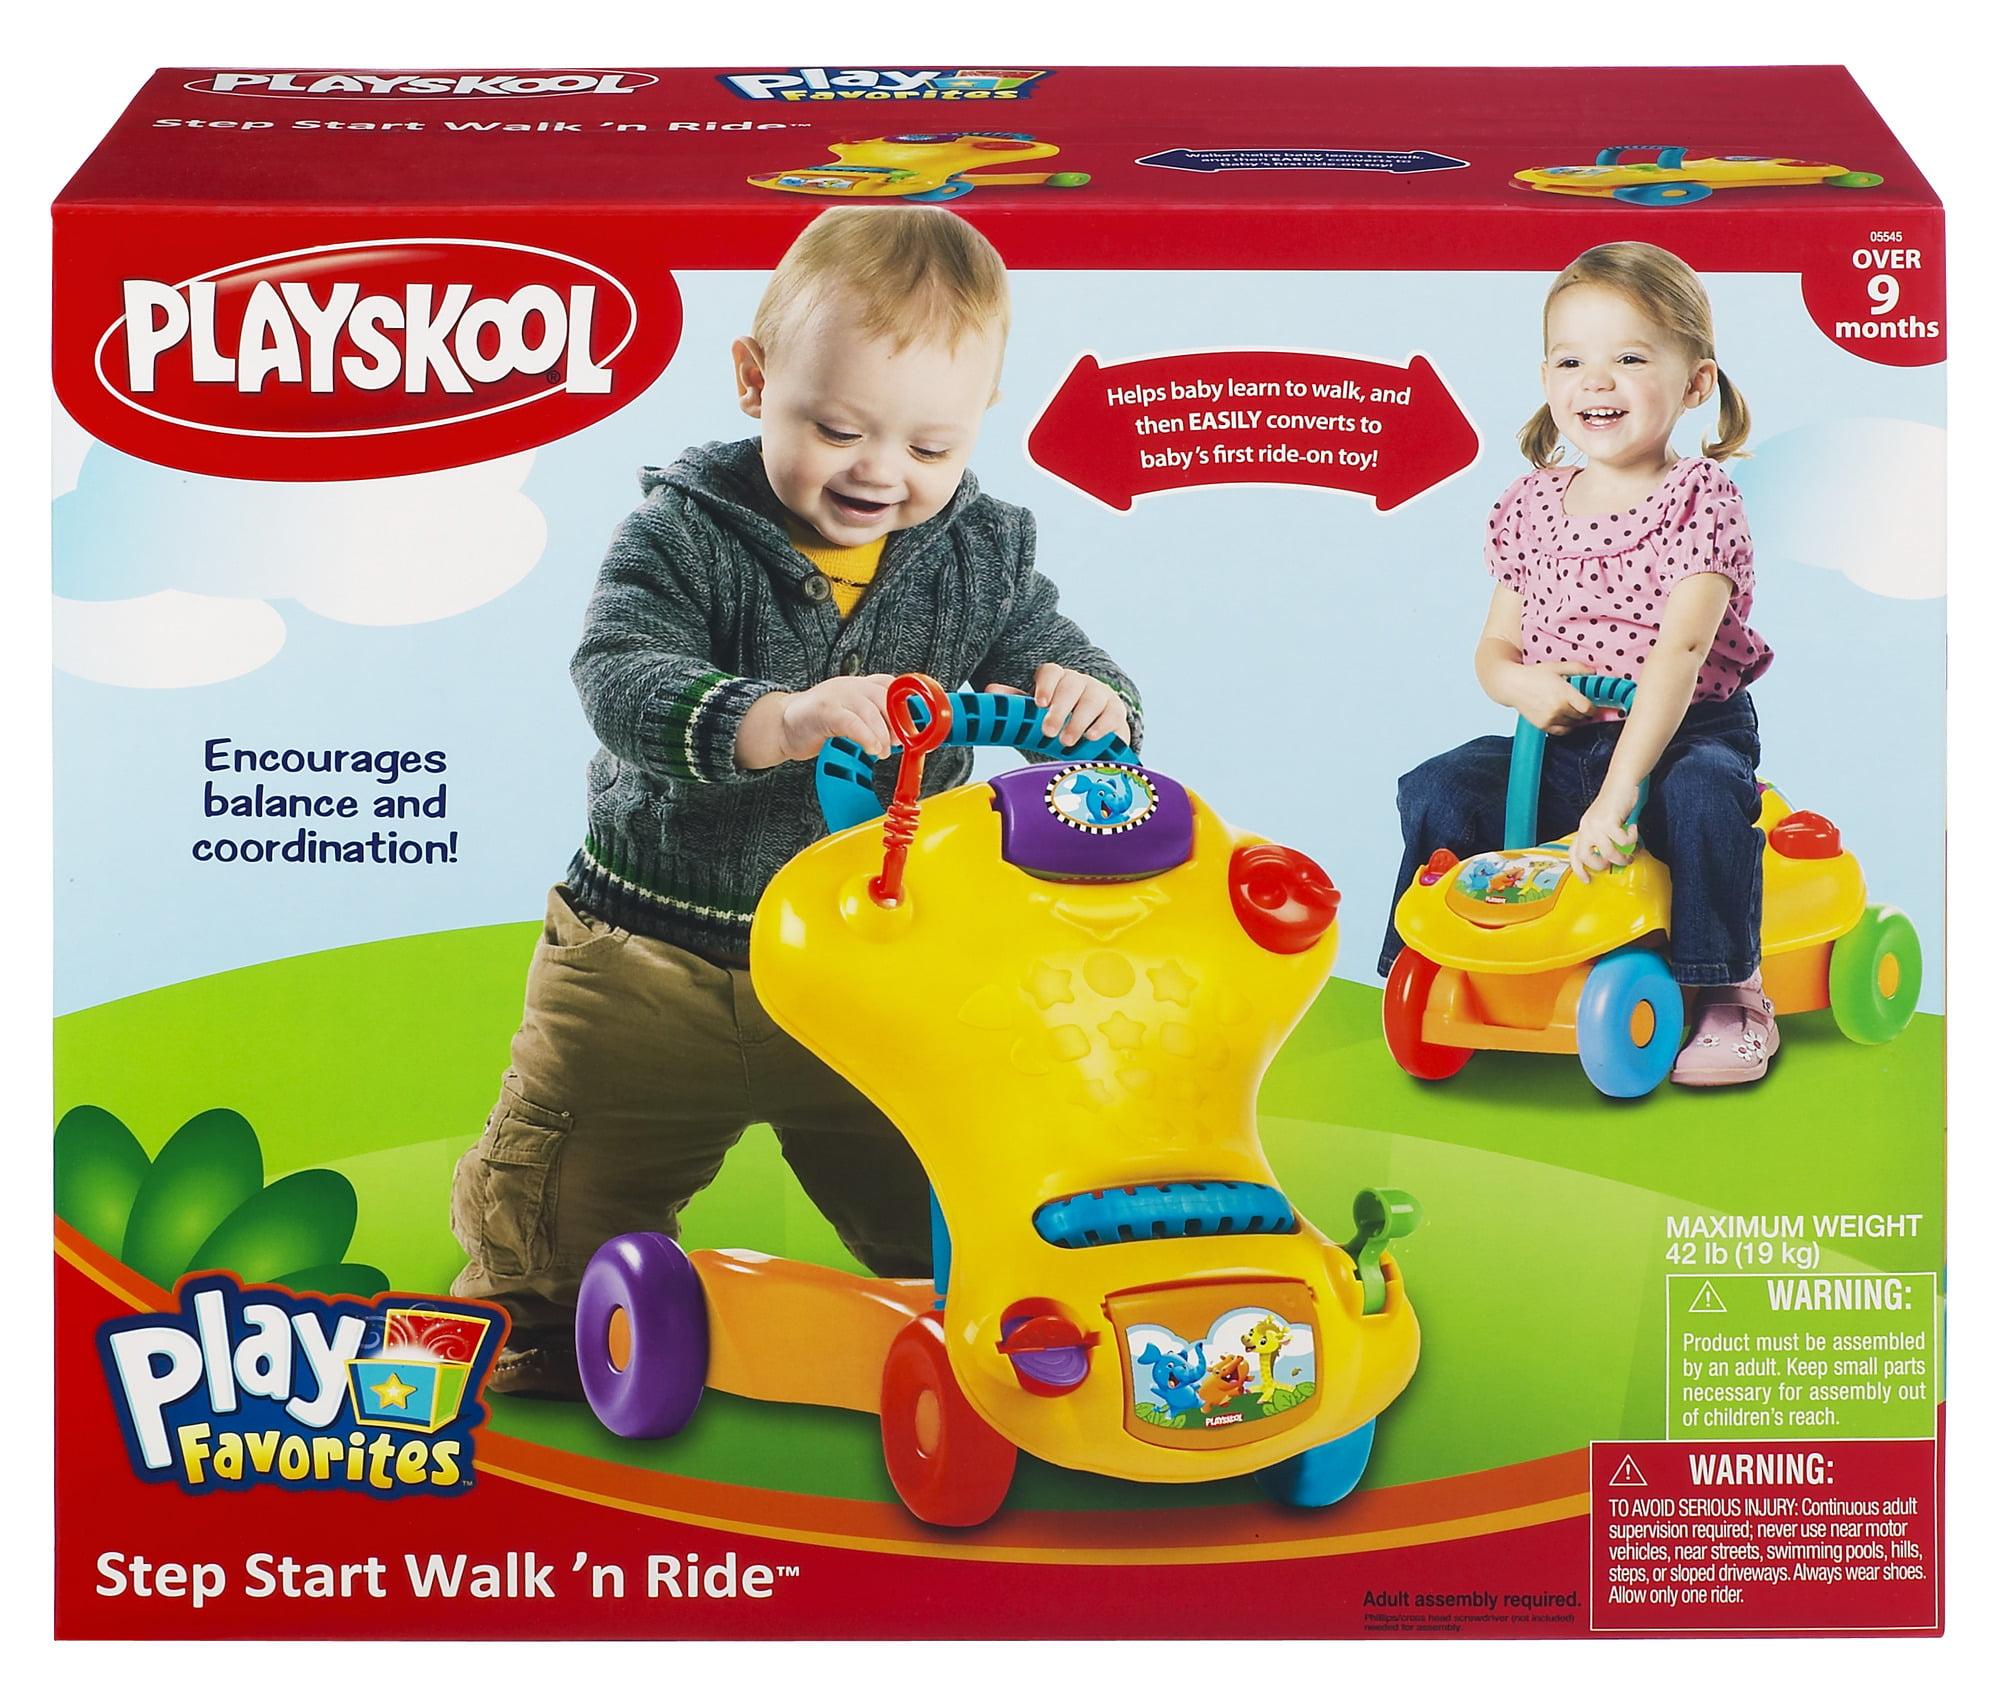 Playskool Step Start Walkn Ride Walmartcom